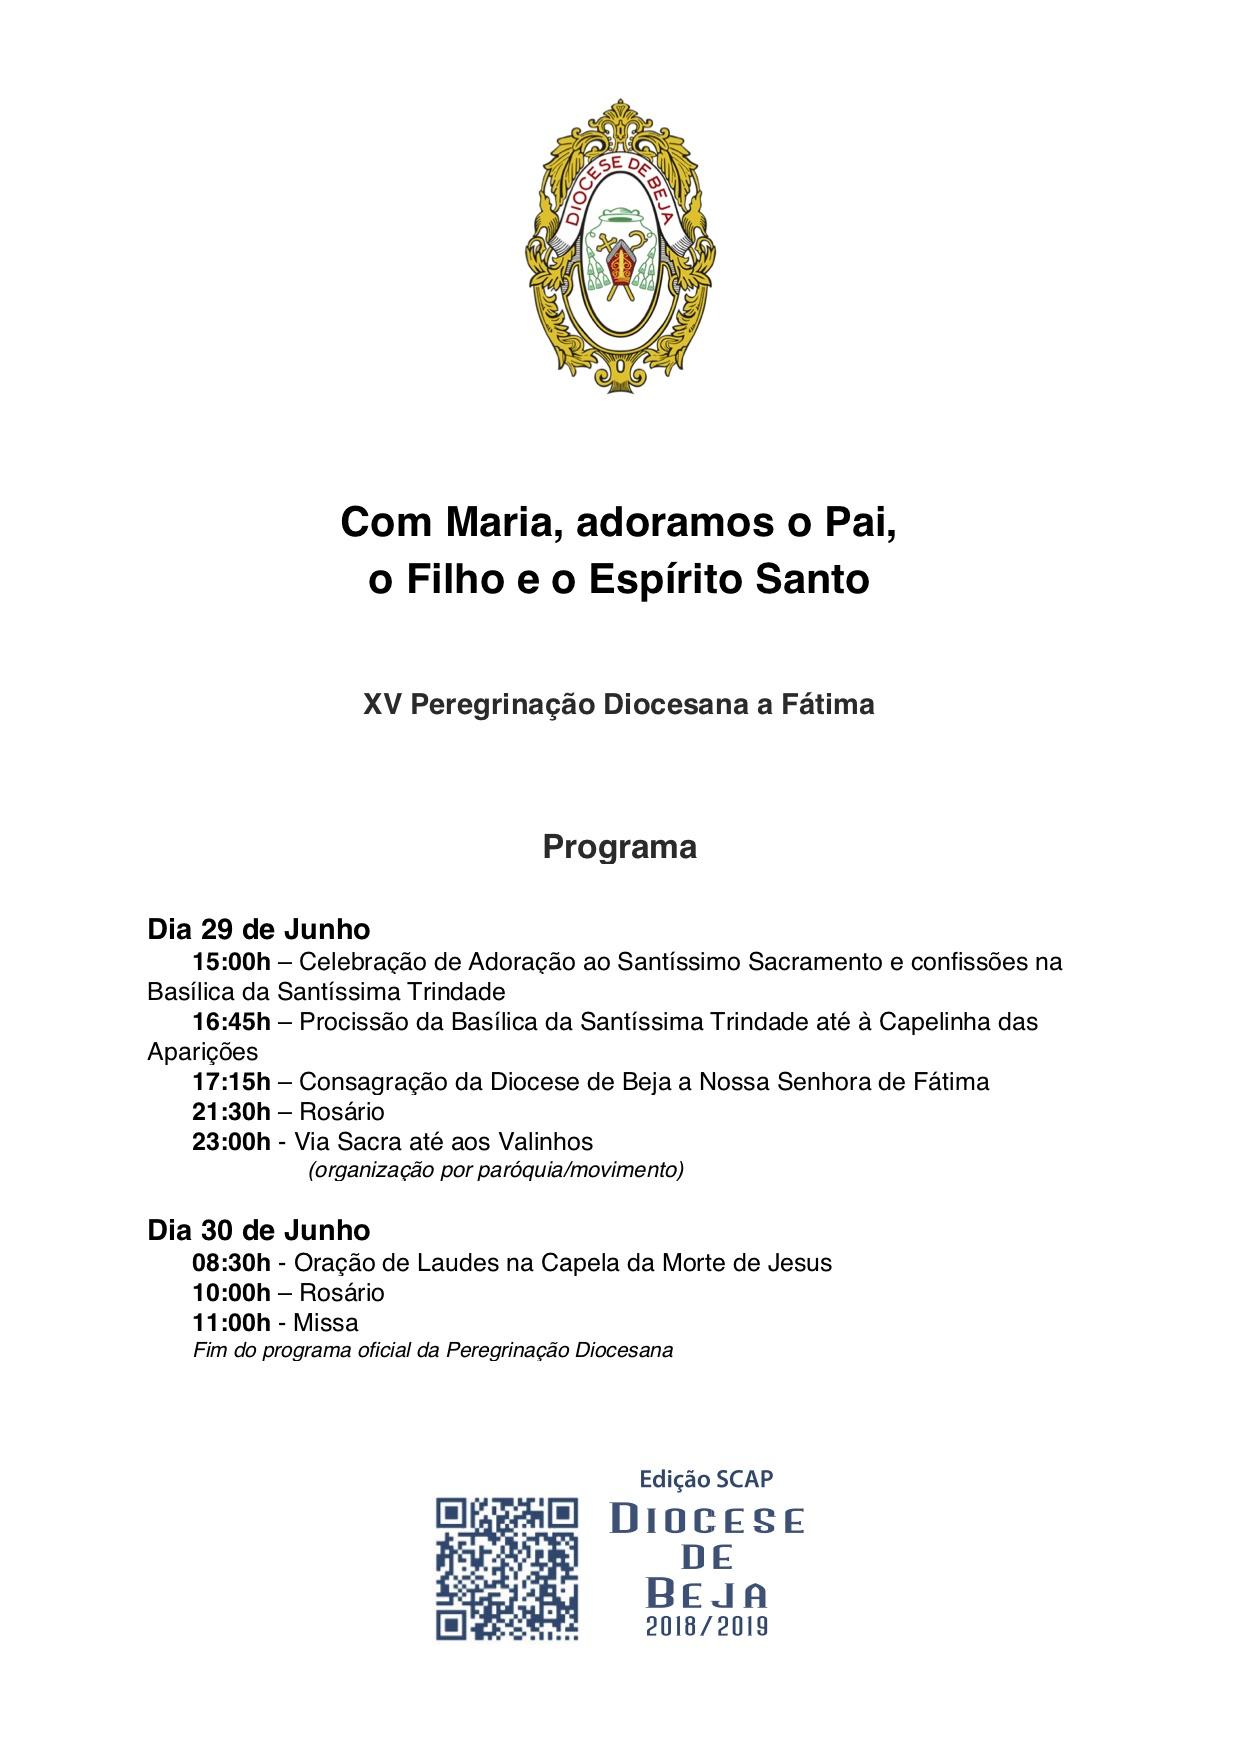 Programa da Peregrinação Diocesana a Fátima